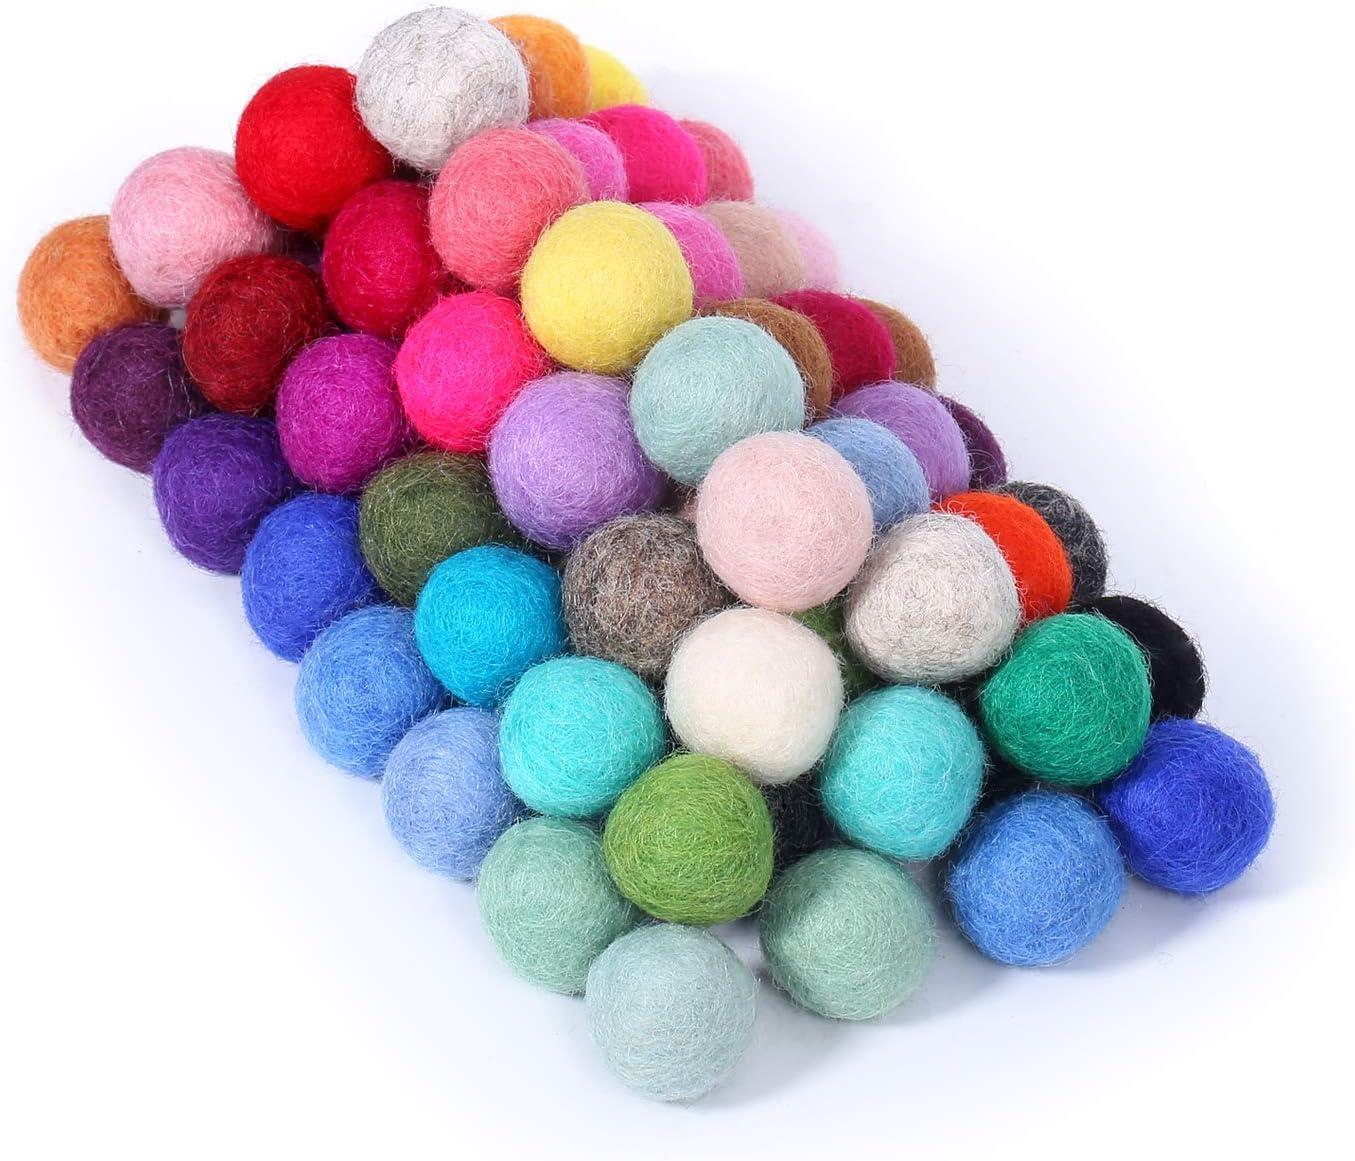 Wool Felt 5 mm 8.5 cm round